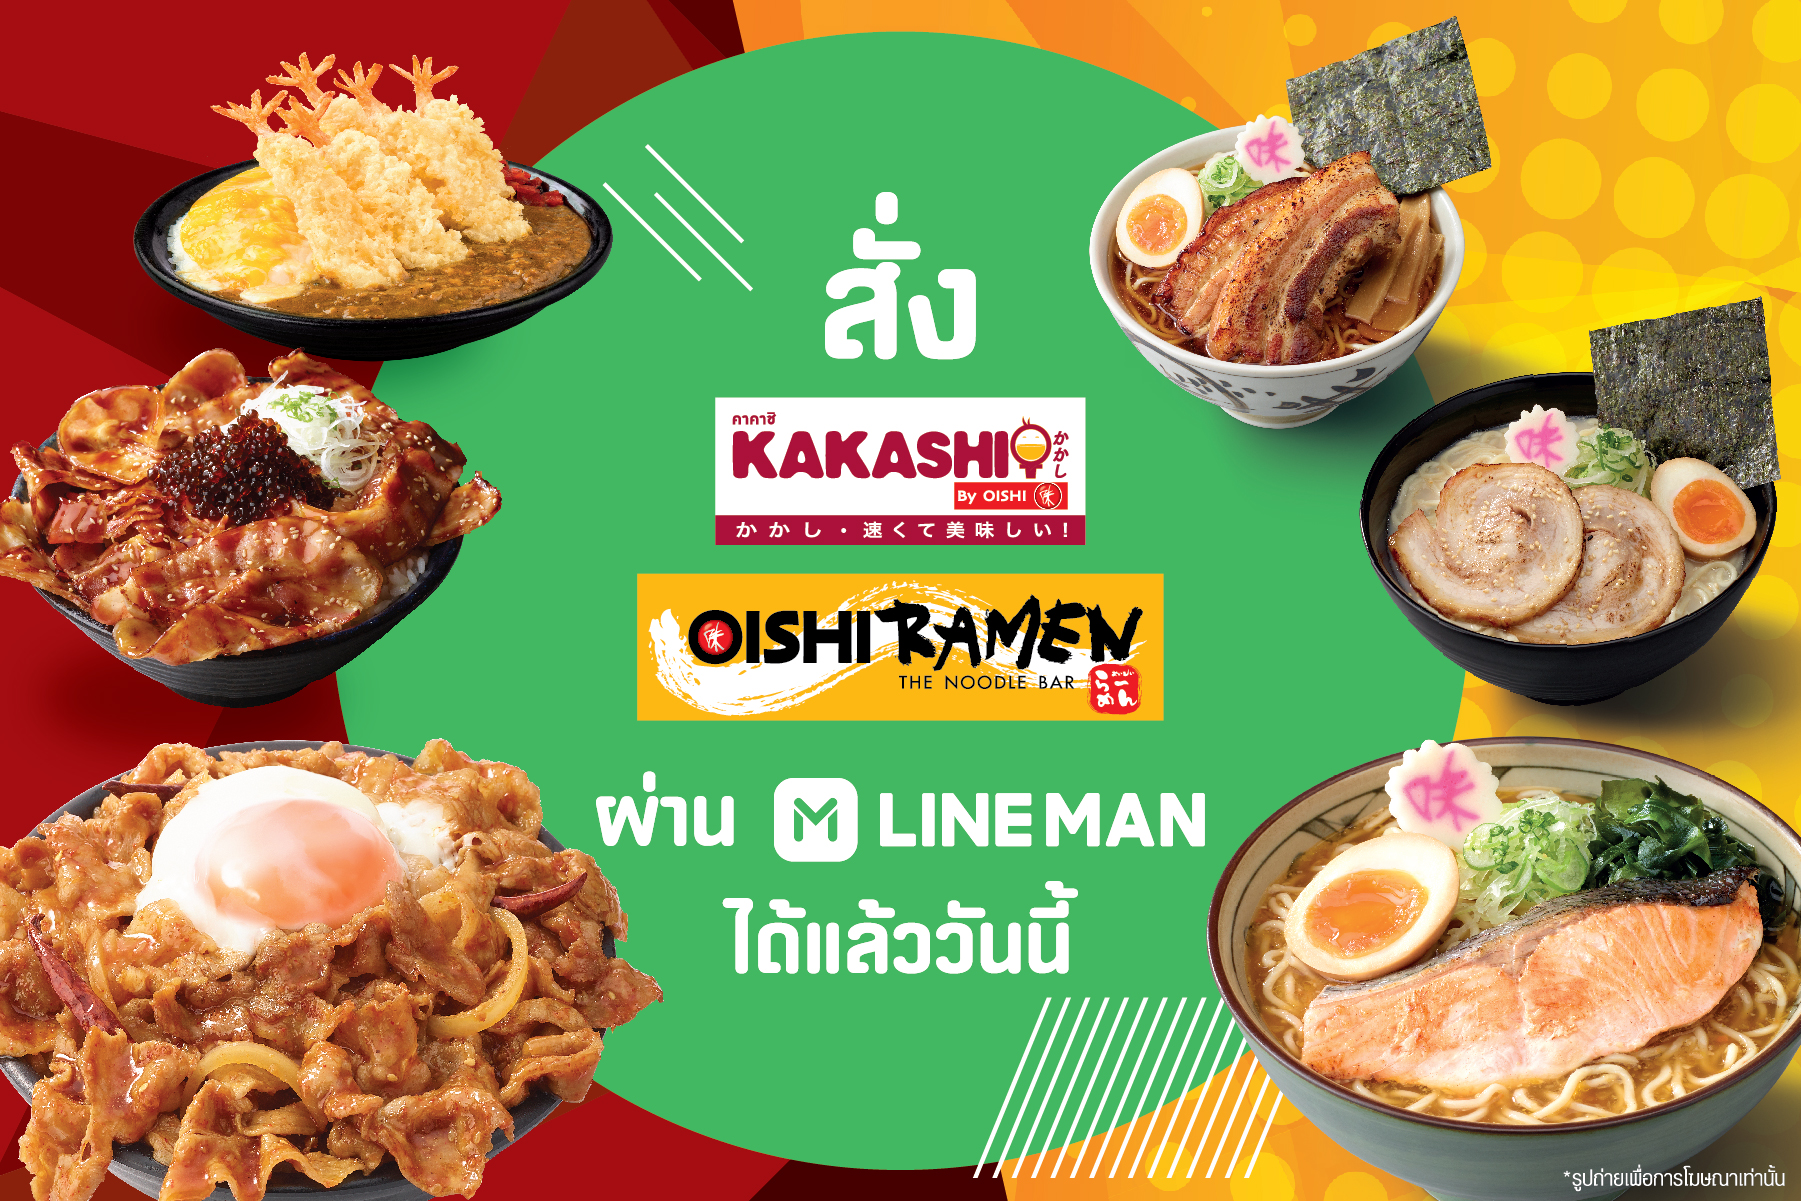 """""""โออิชิ"""" จับมือ """"ไลน์แมน"""" พร้อมเสิร์ฟเมนูอาหารญี่ปุ่นอร่อยหลากหลายถึงหน้าประตูบ้านแล้ววันนี้ ! สำนักพิมพ์แม่บ้าน"""